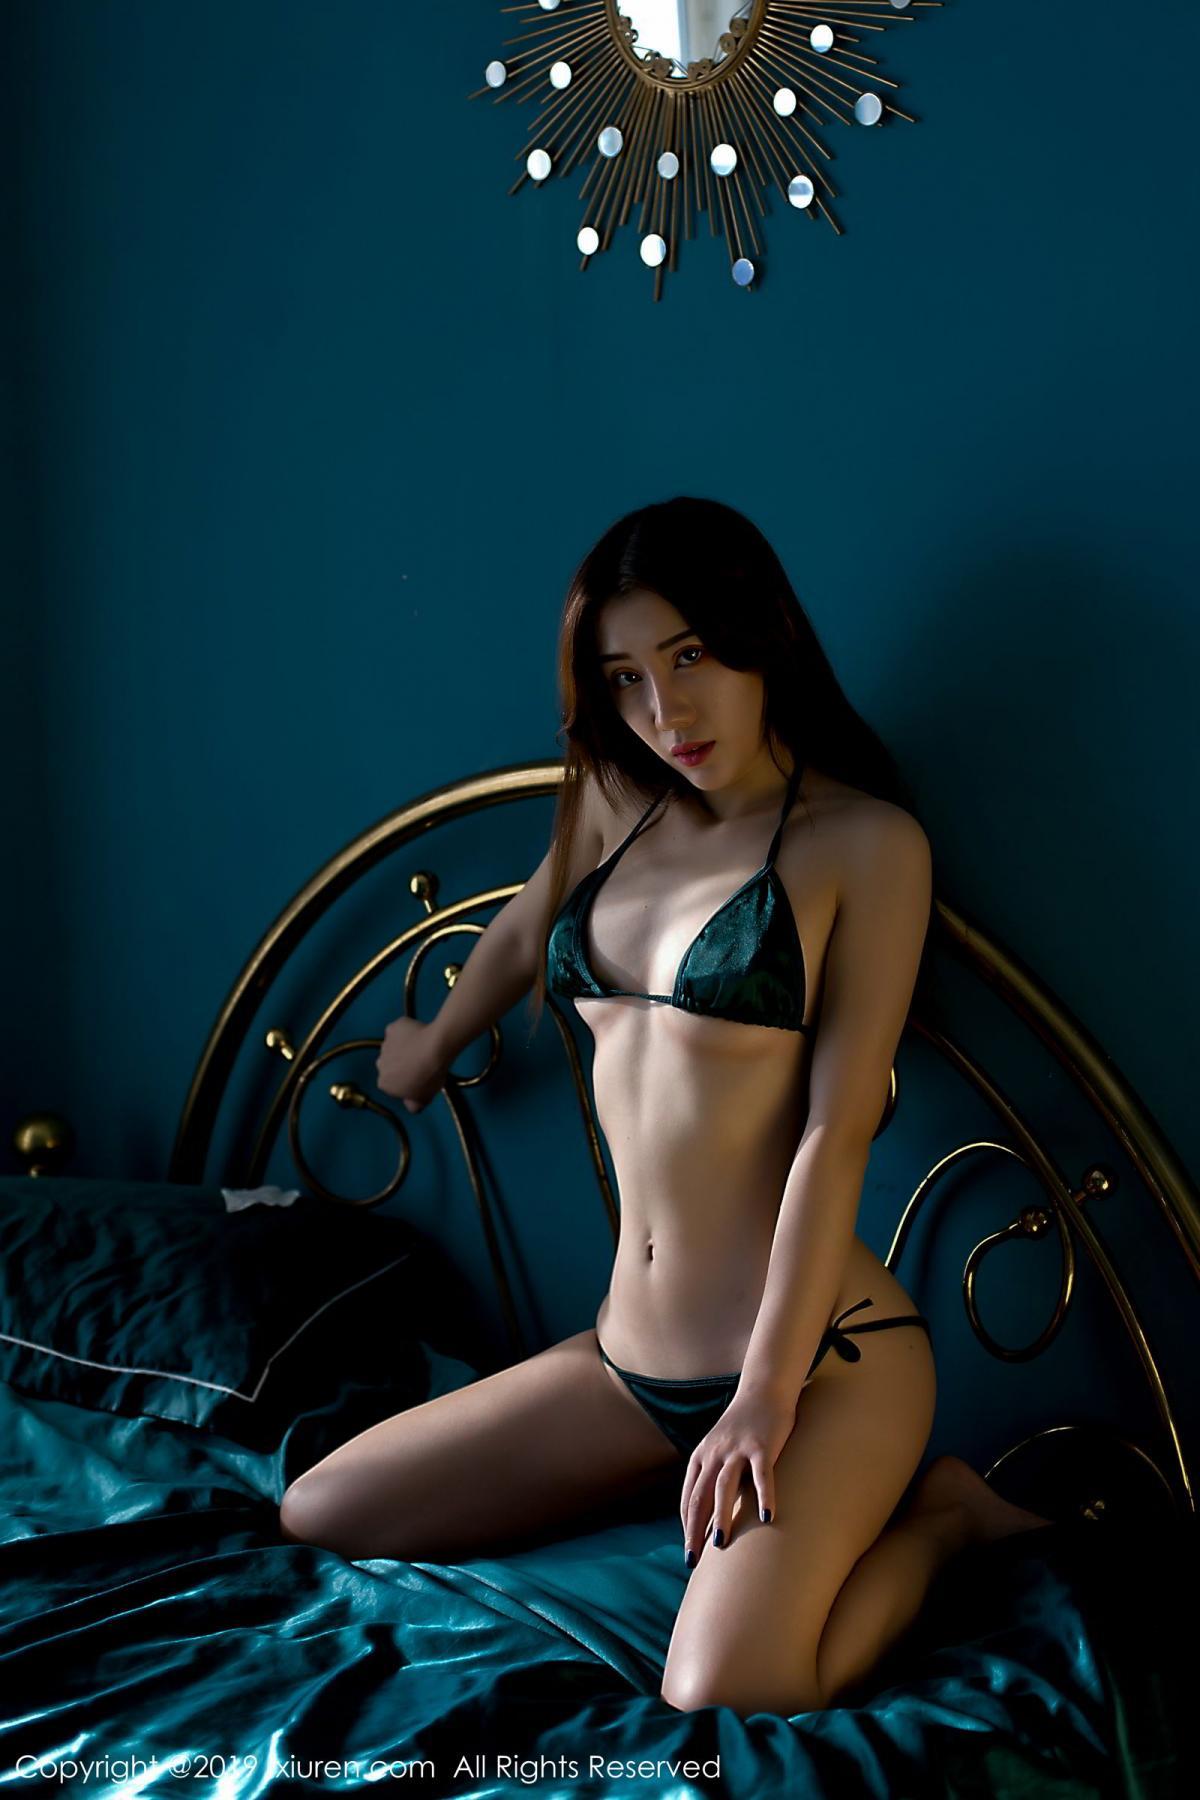 [XiuRen] Vol.1725 Zhi Zhi 2 2P, Underwear, Xiuren, Zhi Zhi